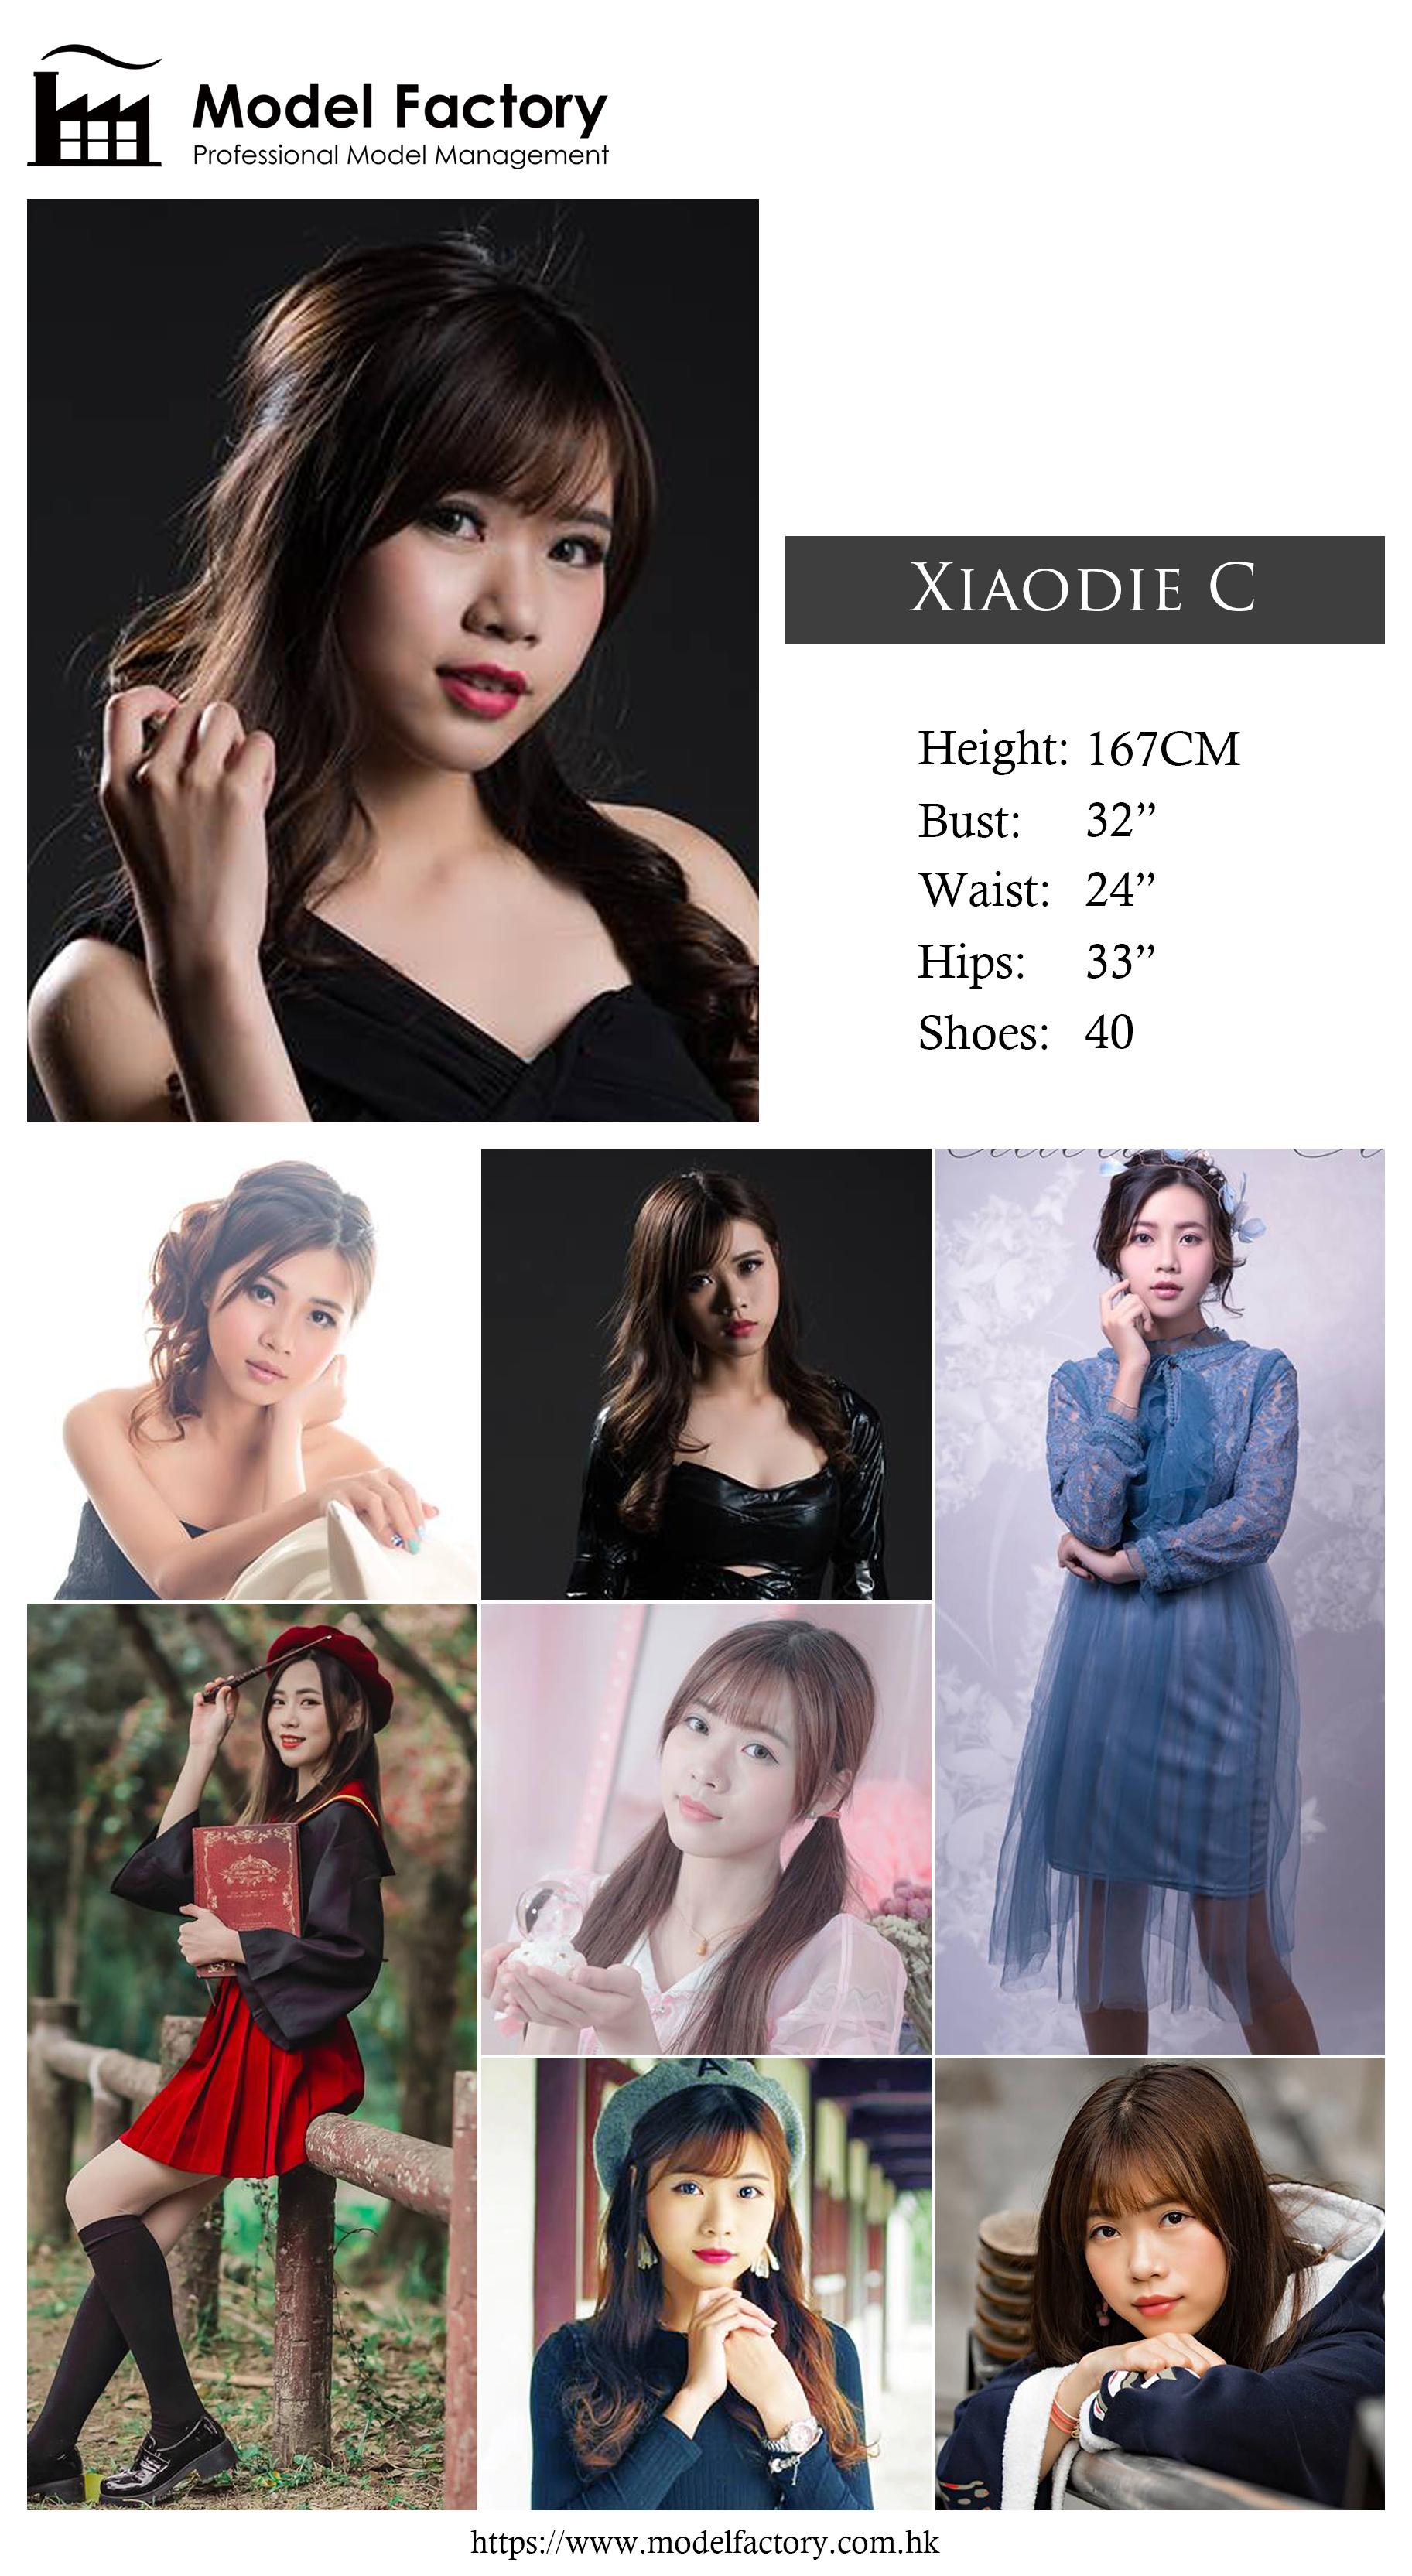 Model Factory Hong Kong Female Model XiaodieC